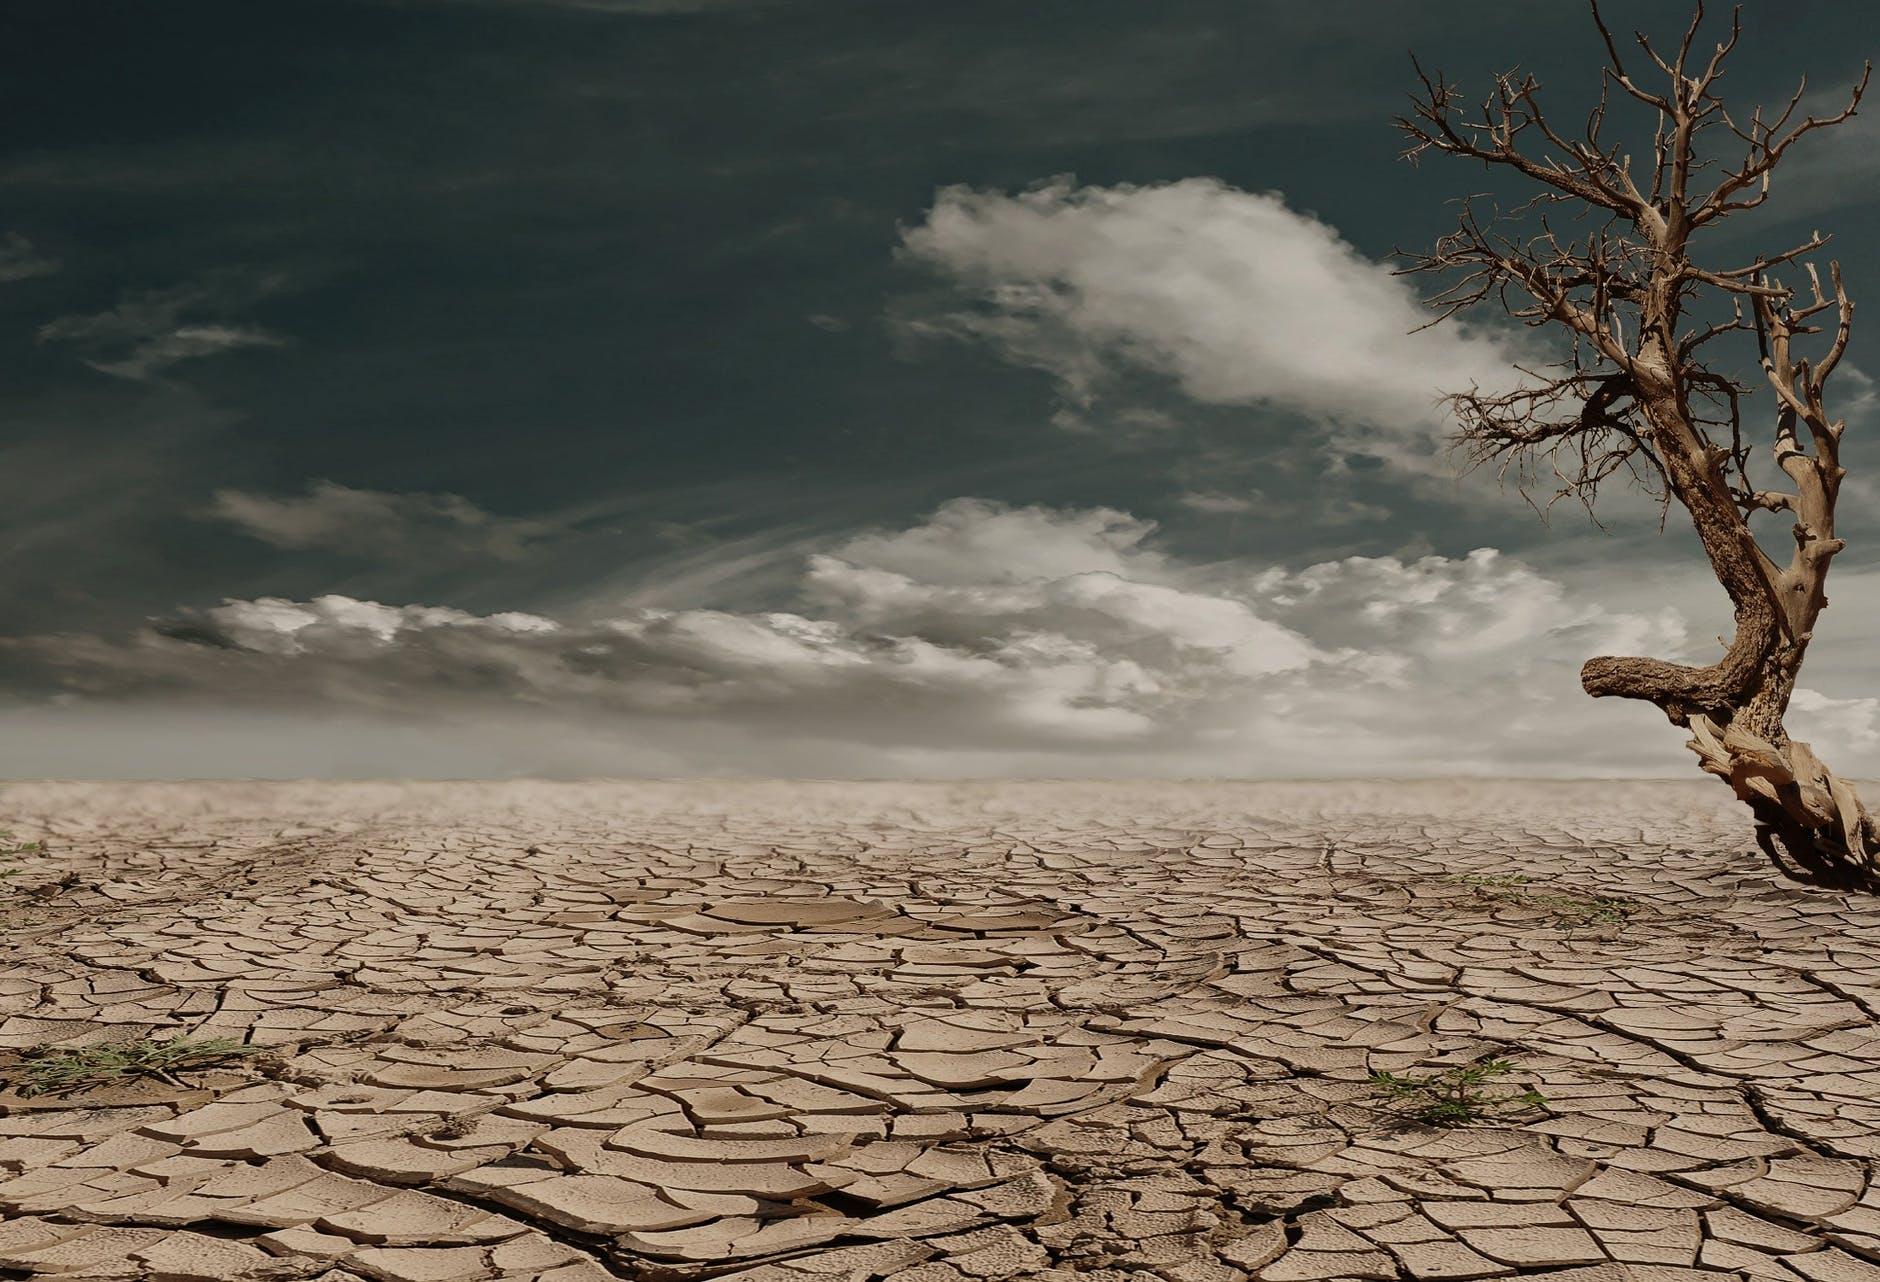 earth desert dry hot